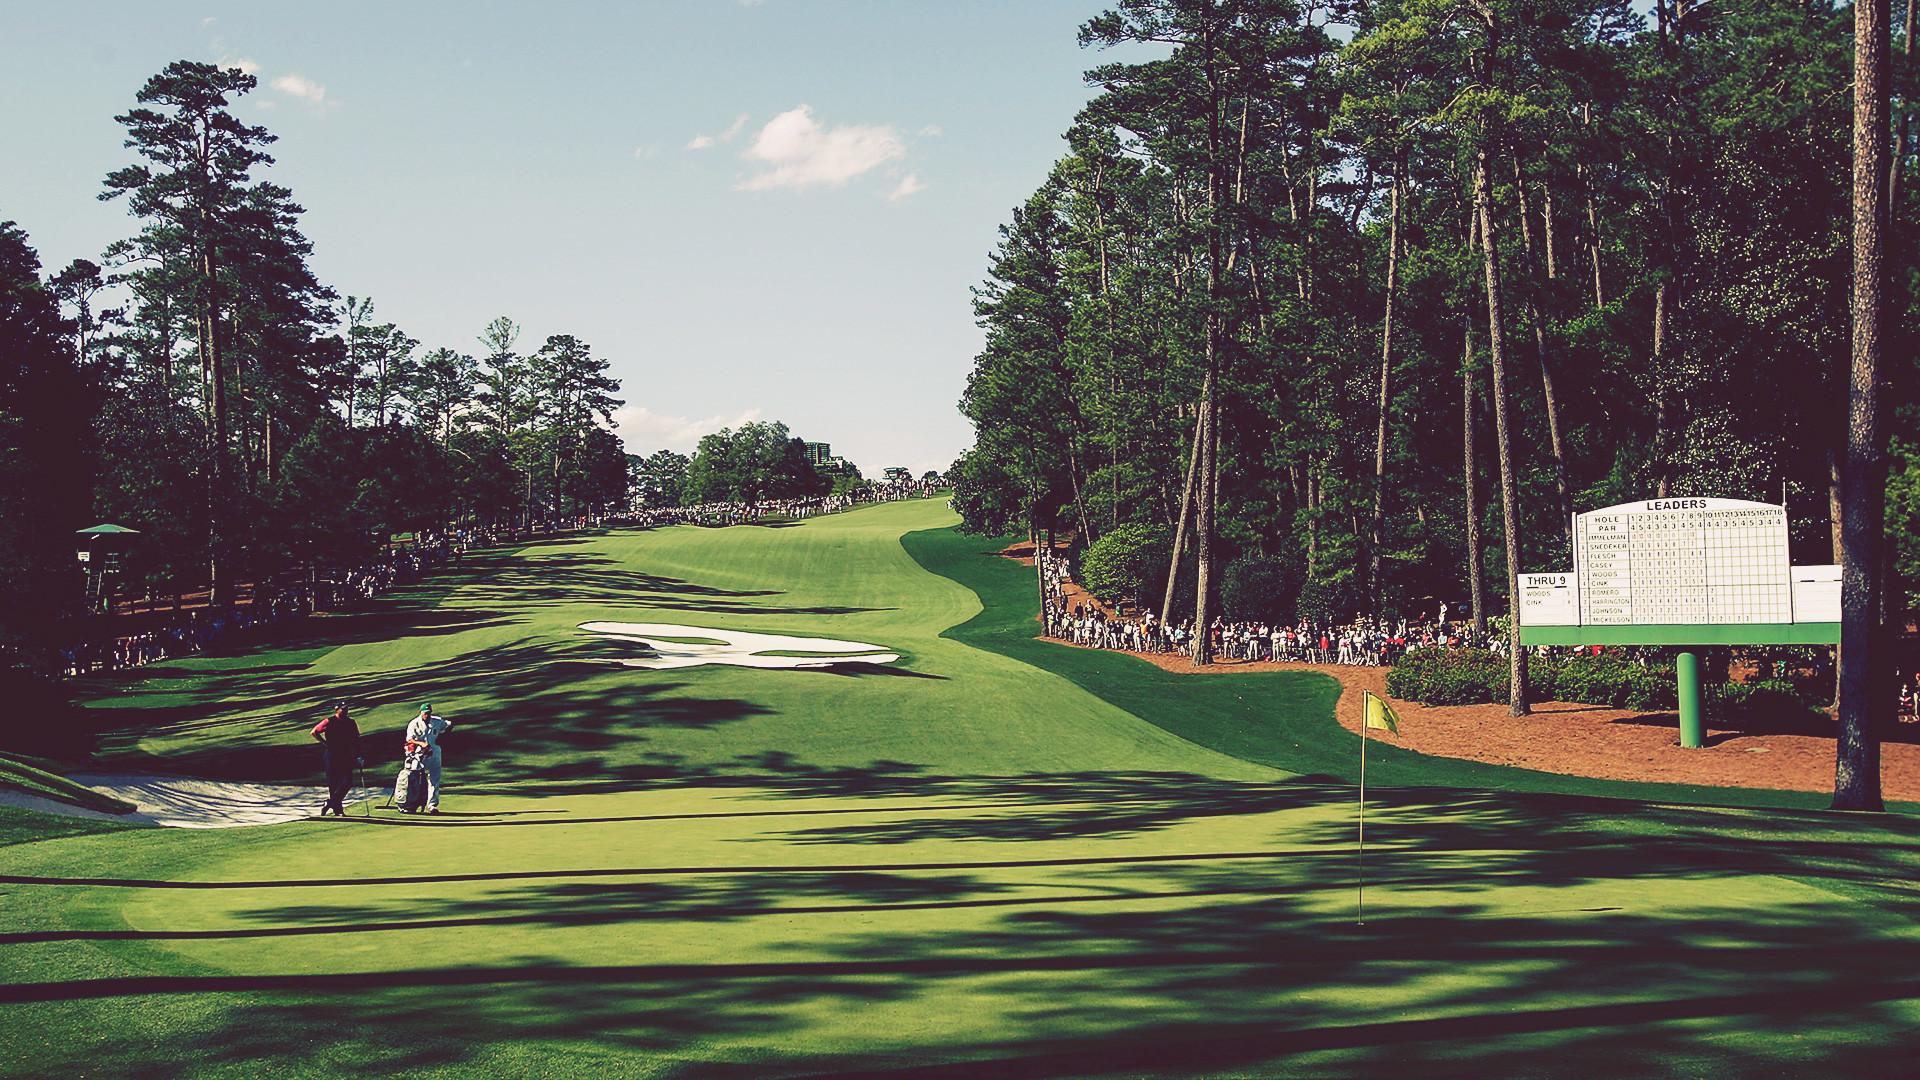 Theydon Bois Golf Club · augusta national …